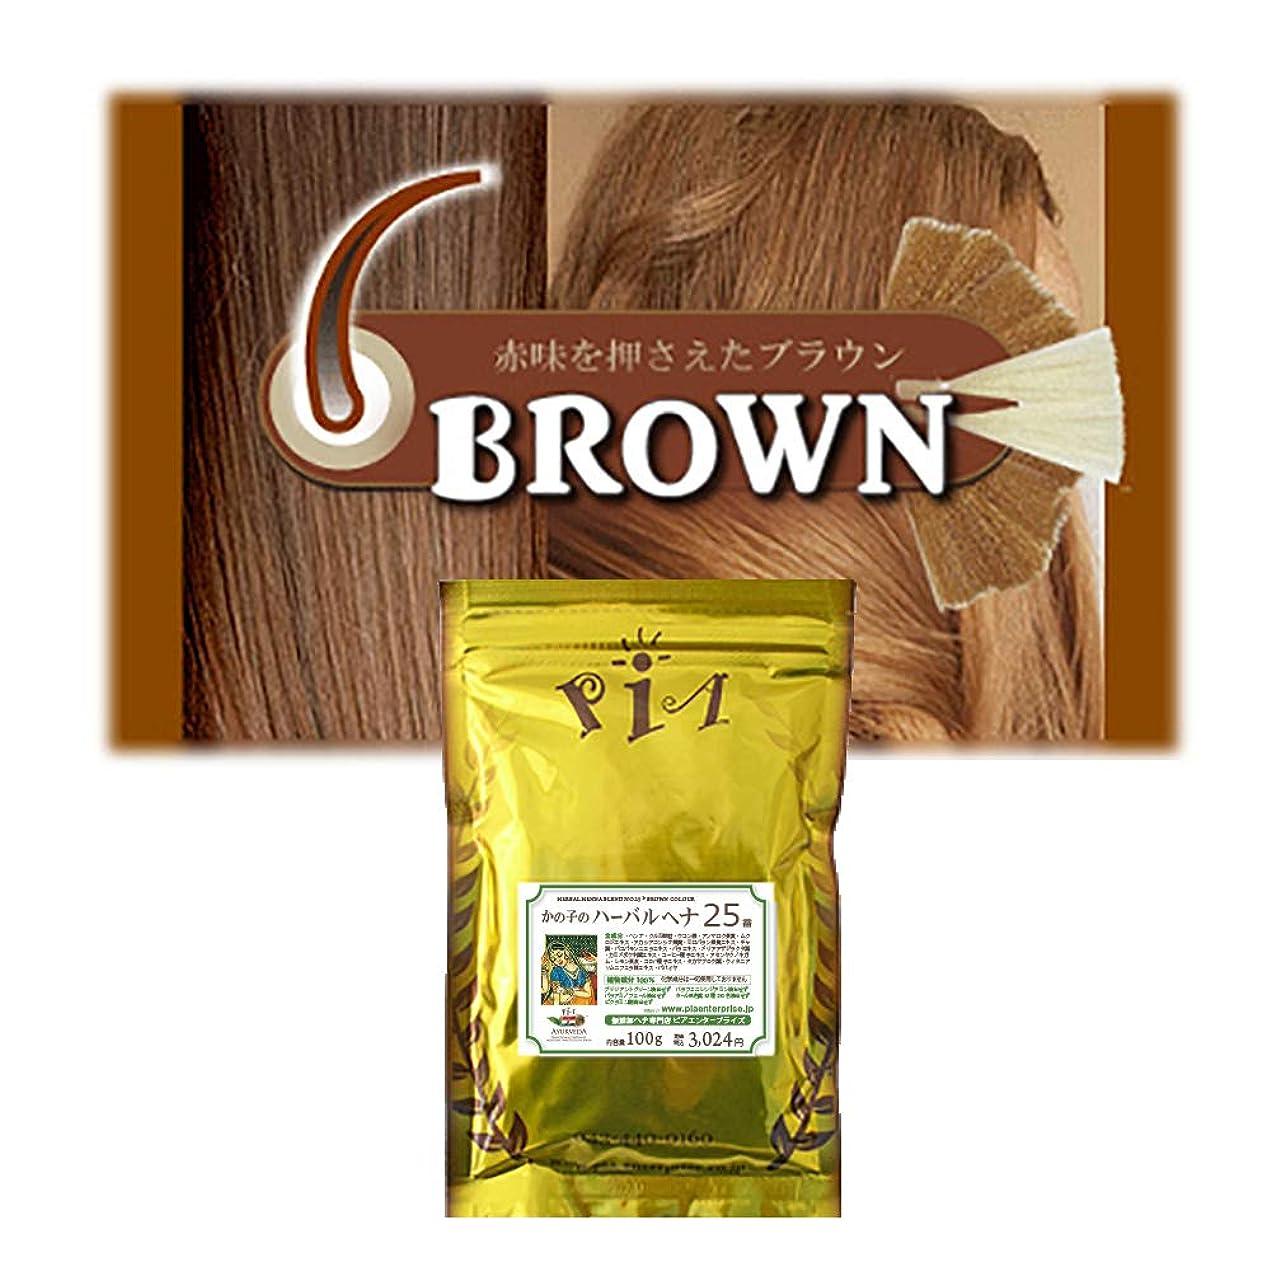 懸念製油所小さな【ヘナ】 かの子のハーバルヘナ25番 (色:ブラウン Brown )単品 ハケブラシはついておりません。